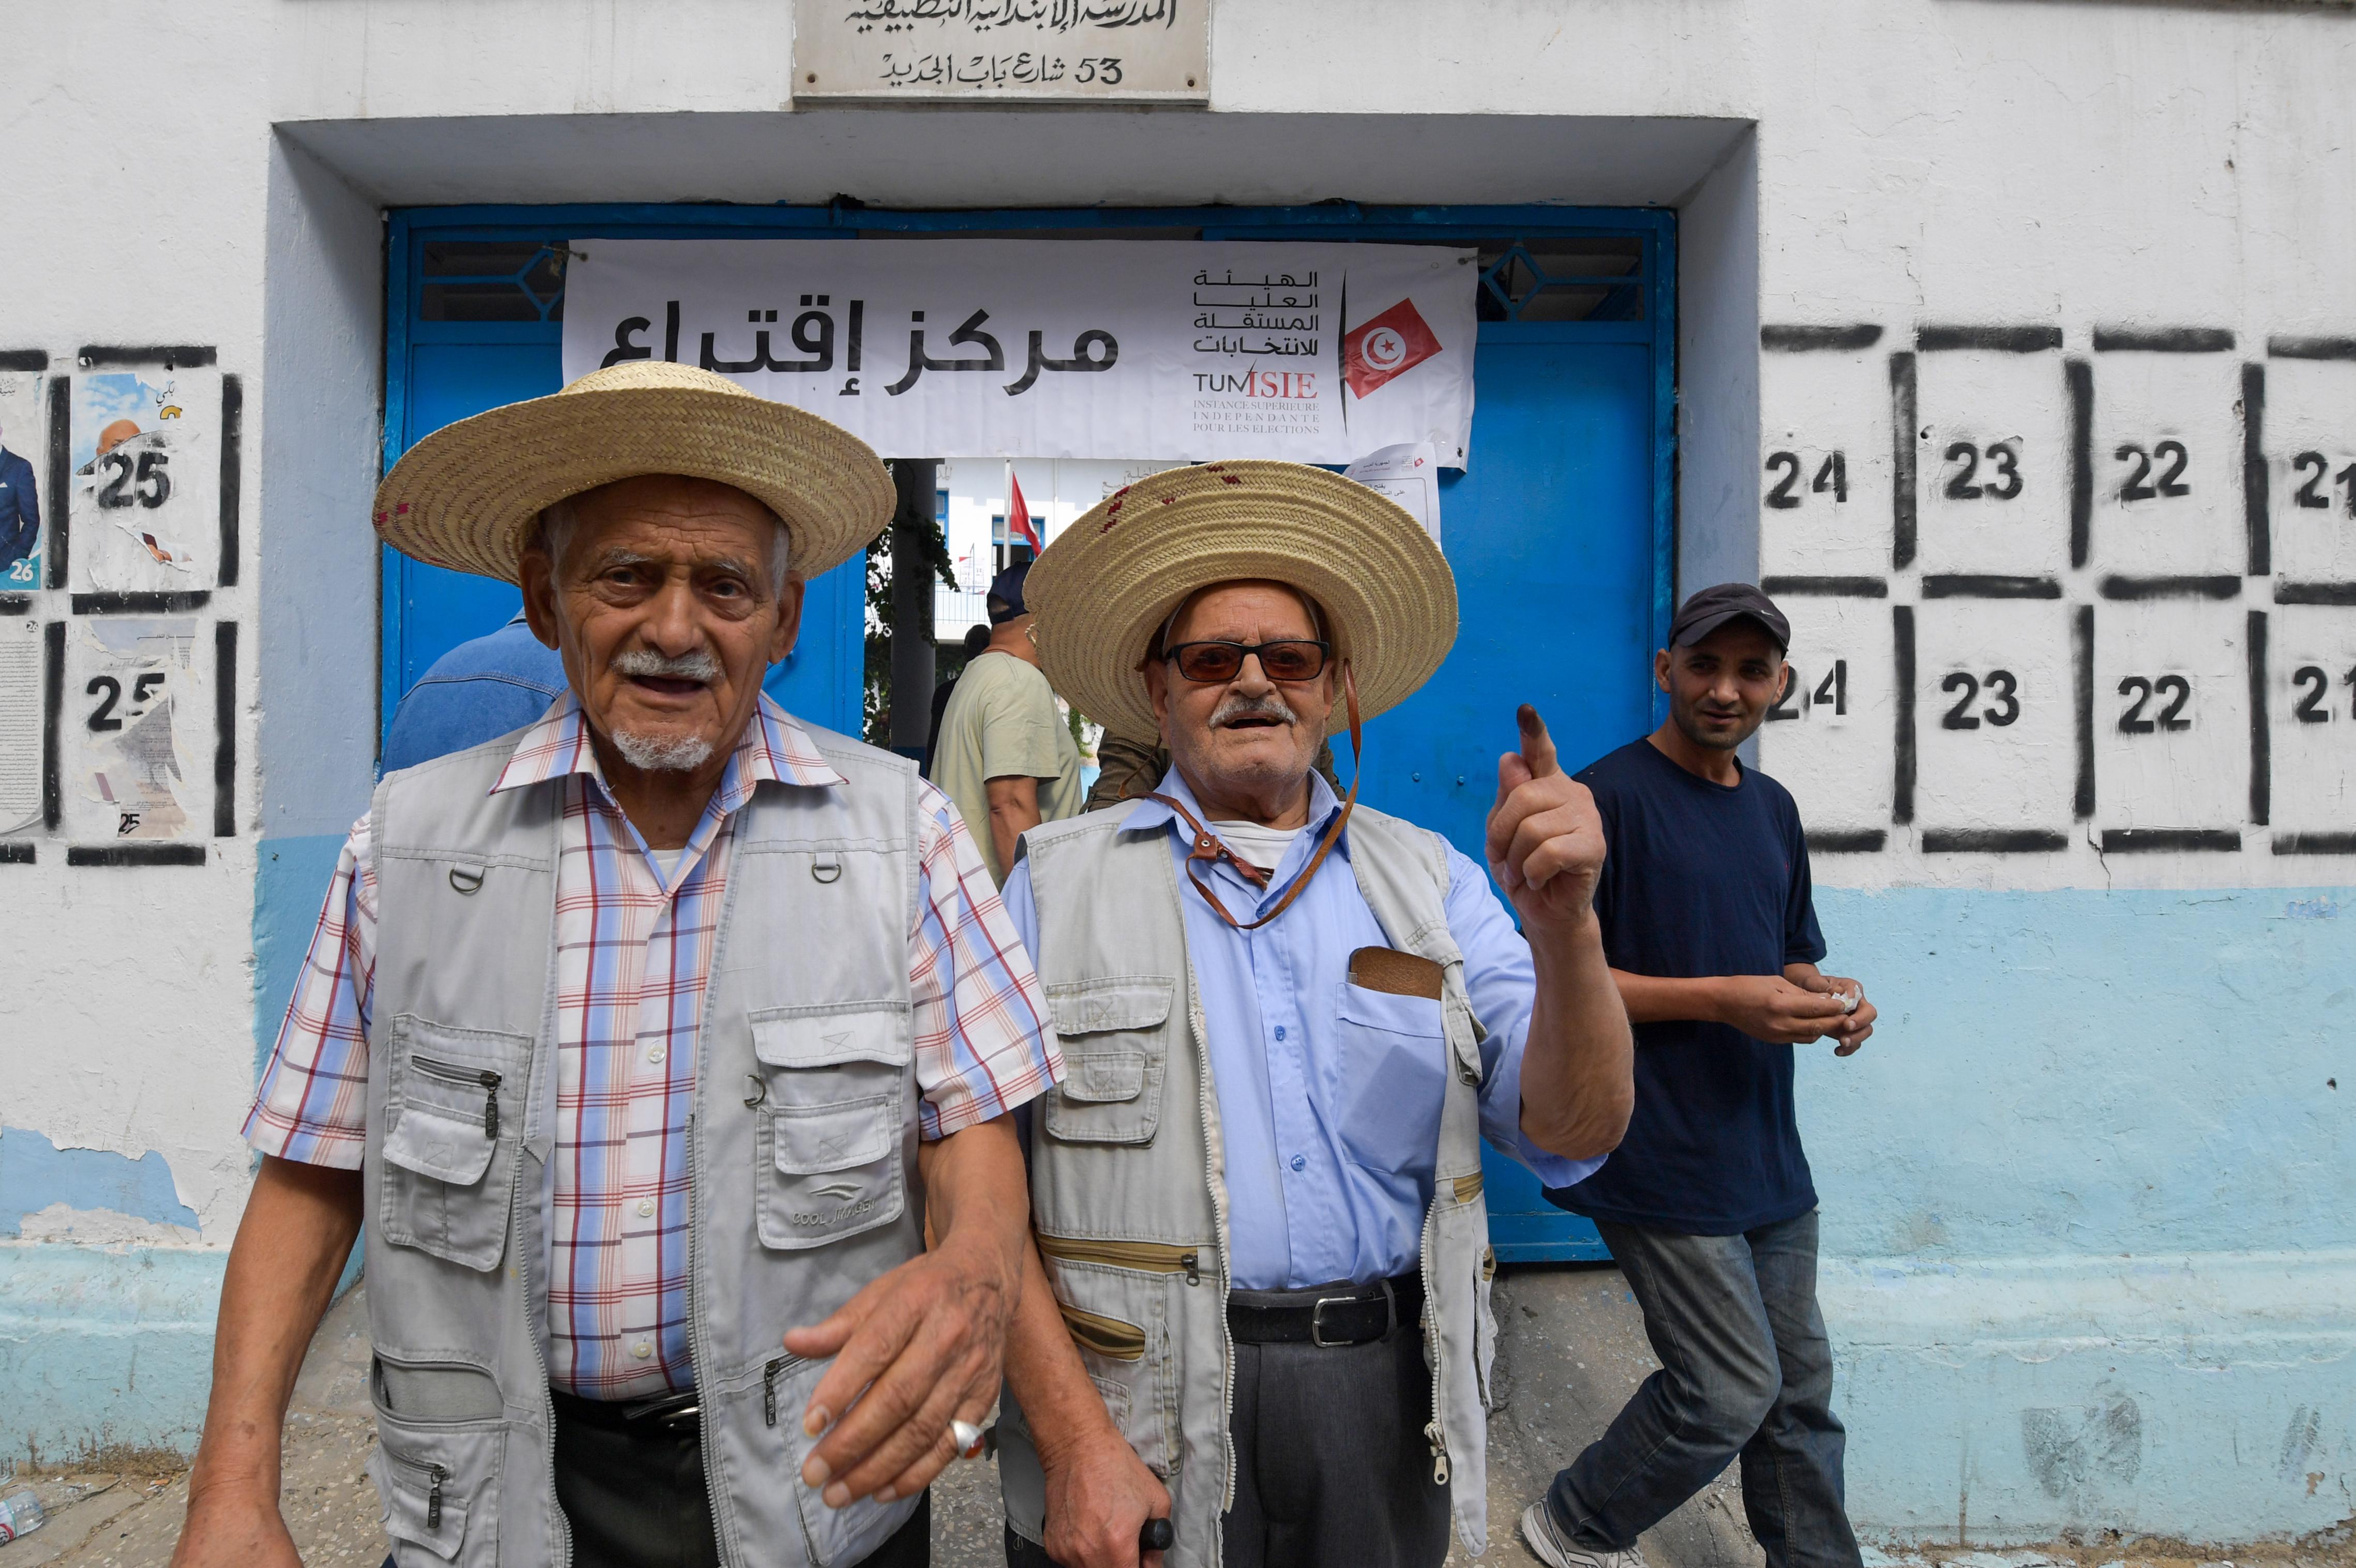 تونسيون بعد الإدلاء بأصواتهم الأحد